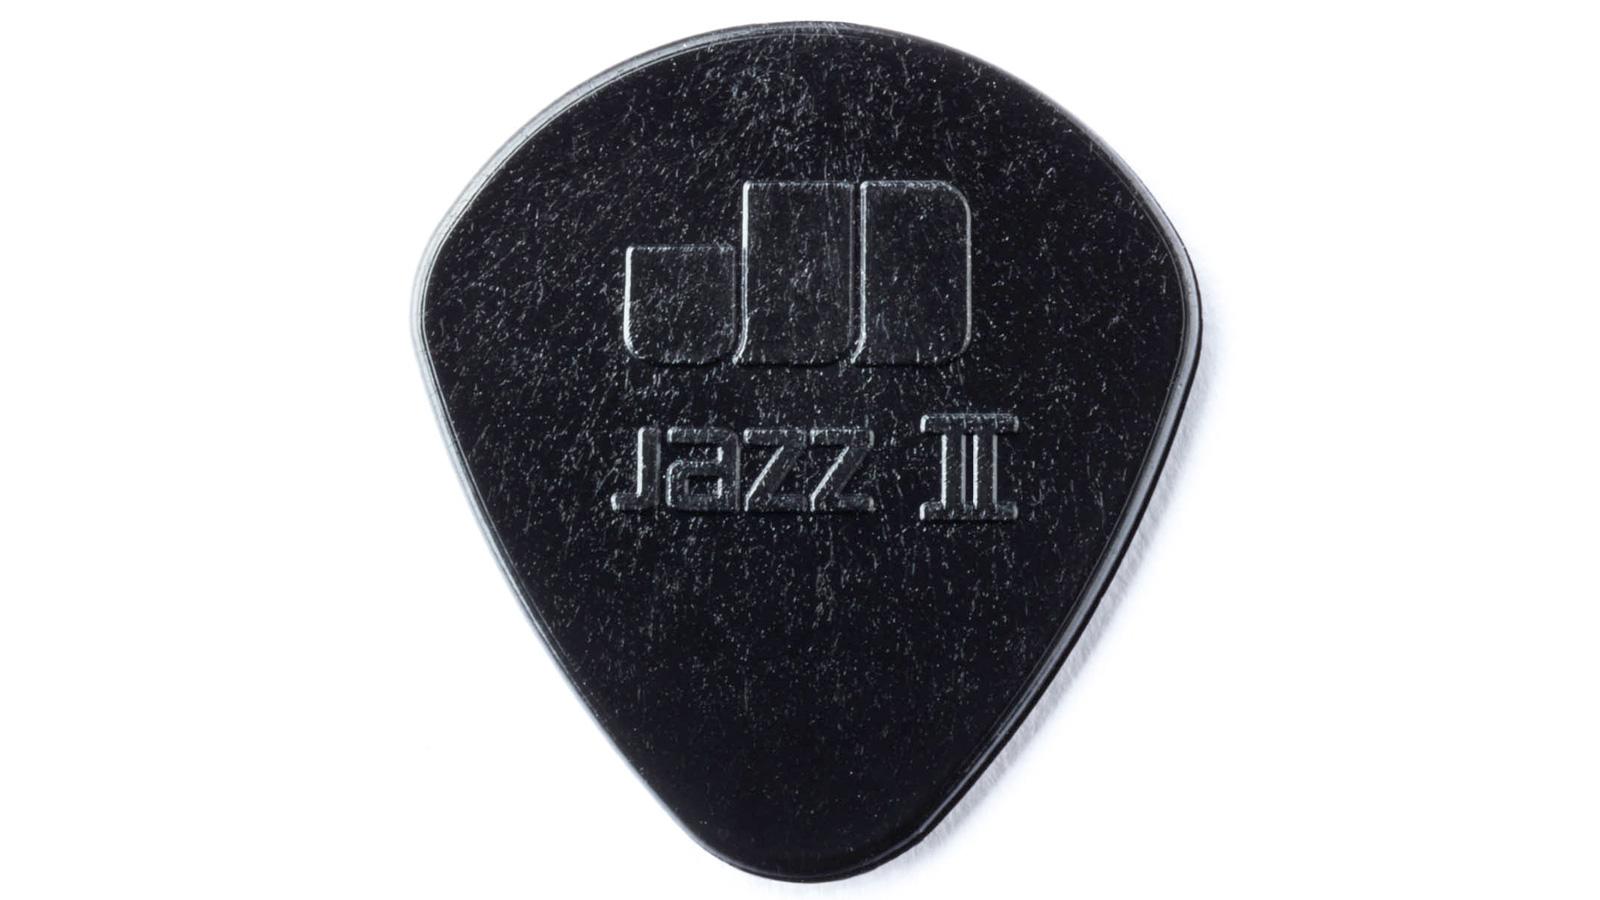 Dunlop Stiffo Jazz II Plektrum schwarz